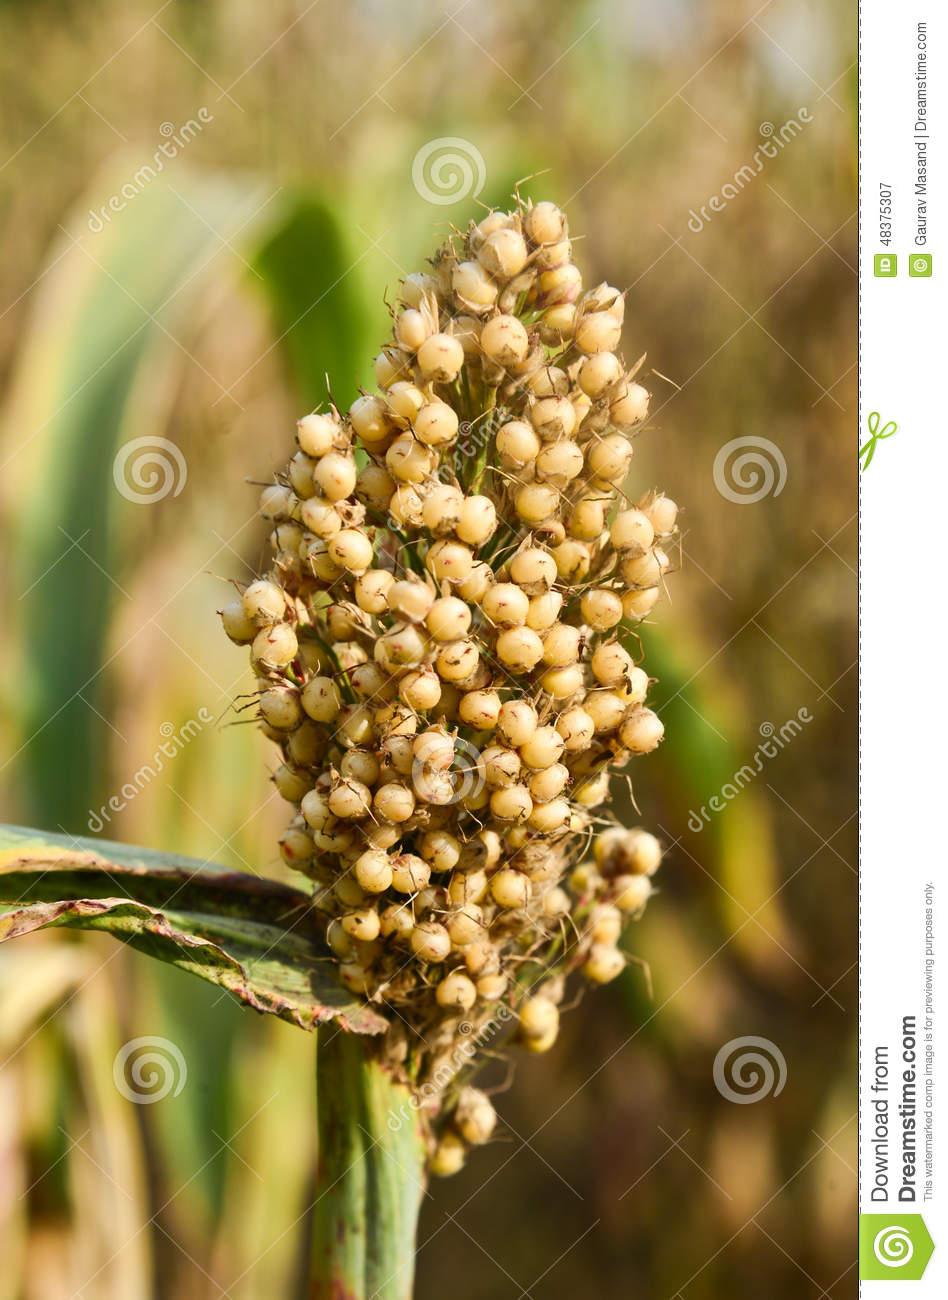 Jowar crop clipart.